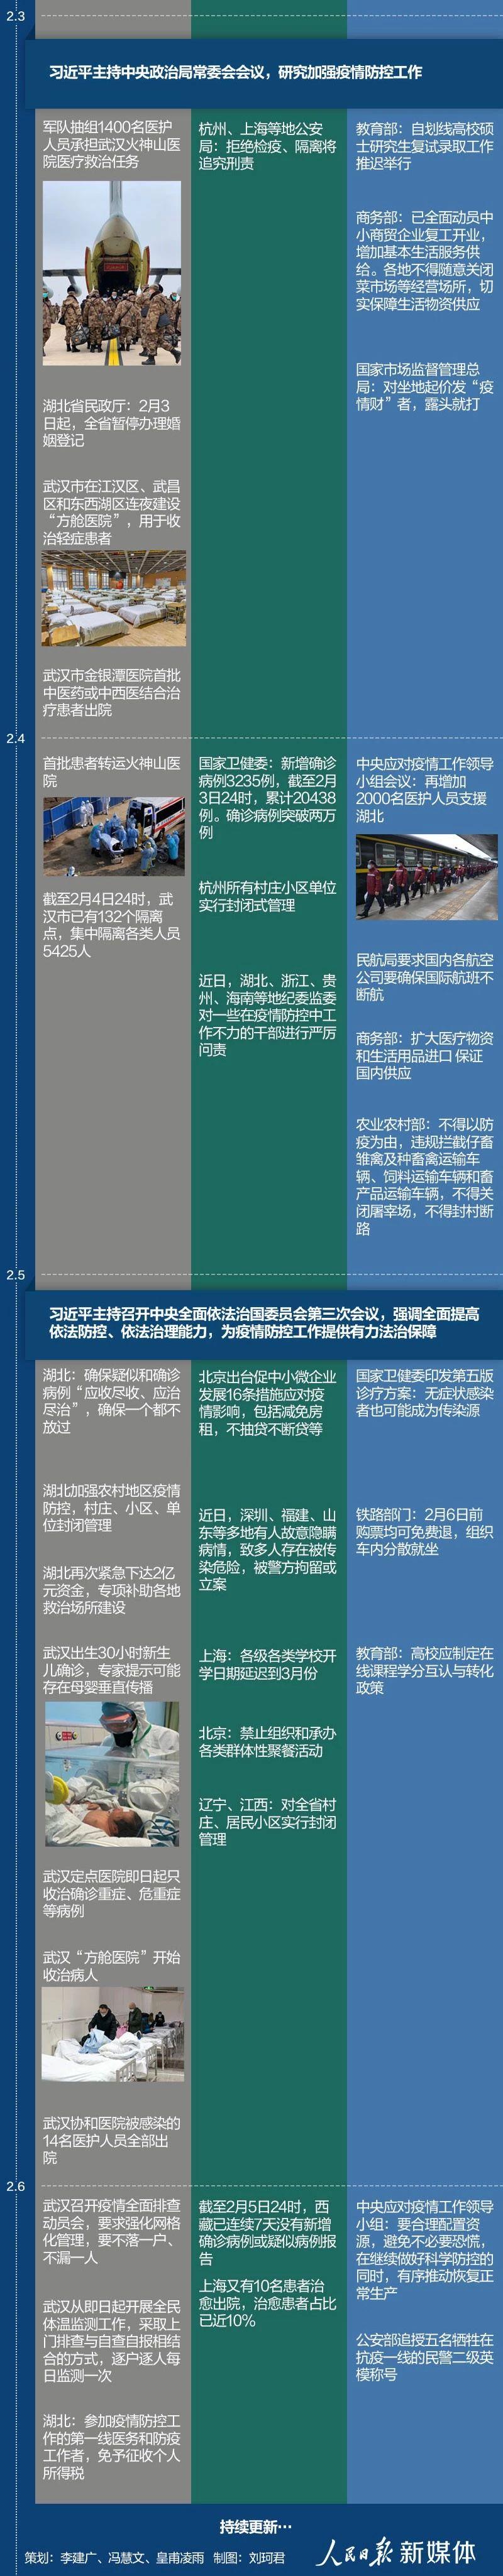 中国战疫时间线(至2月6日)坚决打赢疫情防控阻击战插图7